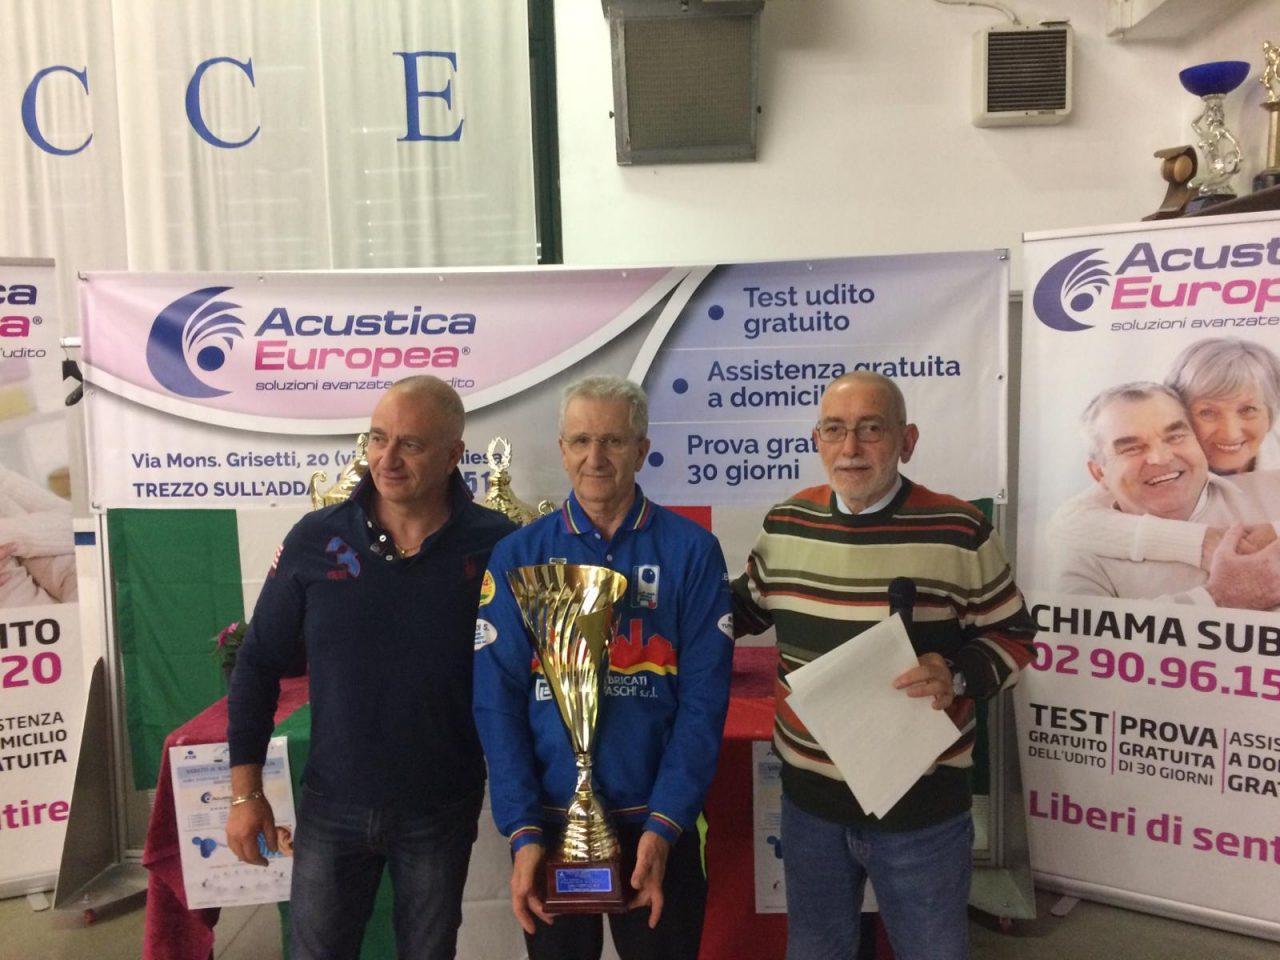 Trofeo Acustica europea